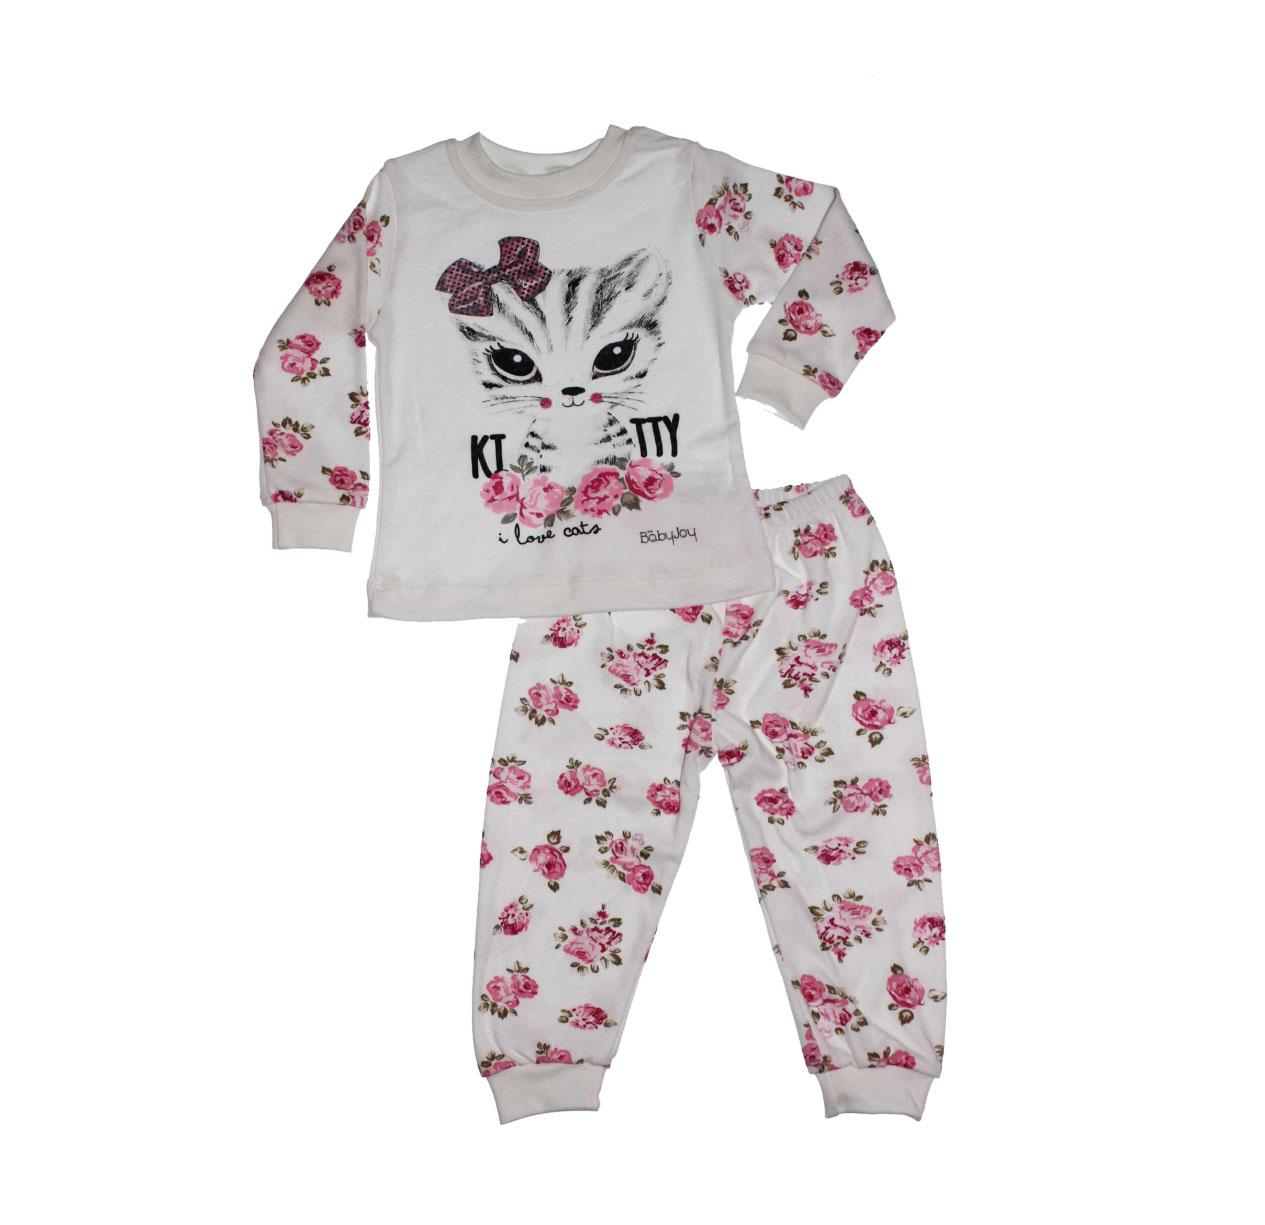 Kız Çocuk Pijama Takımı Modelleri